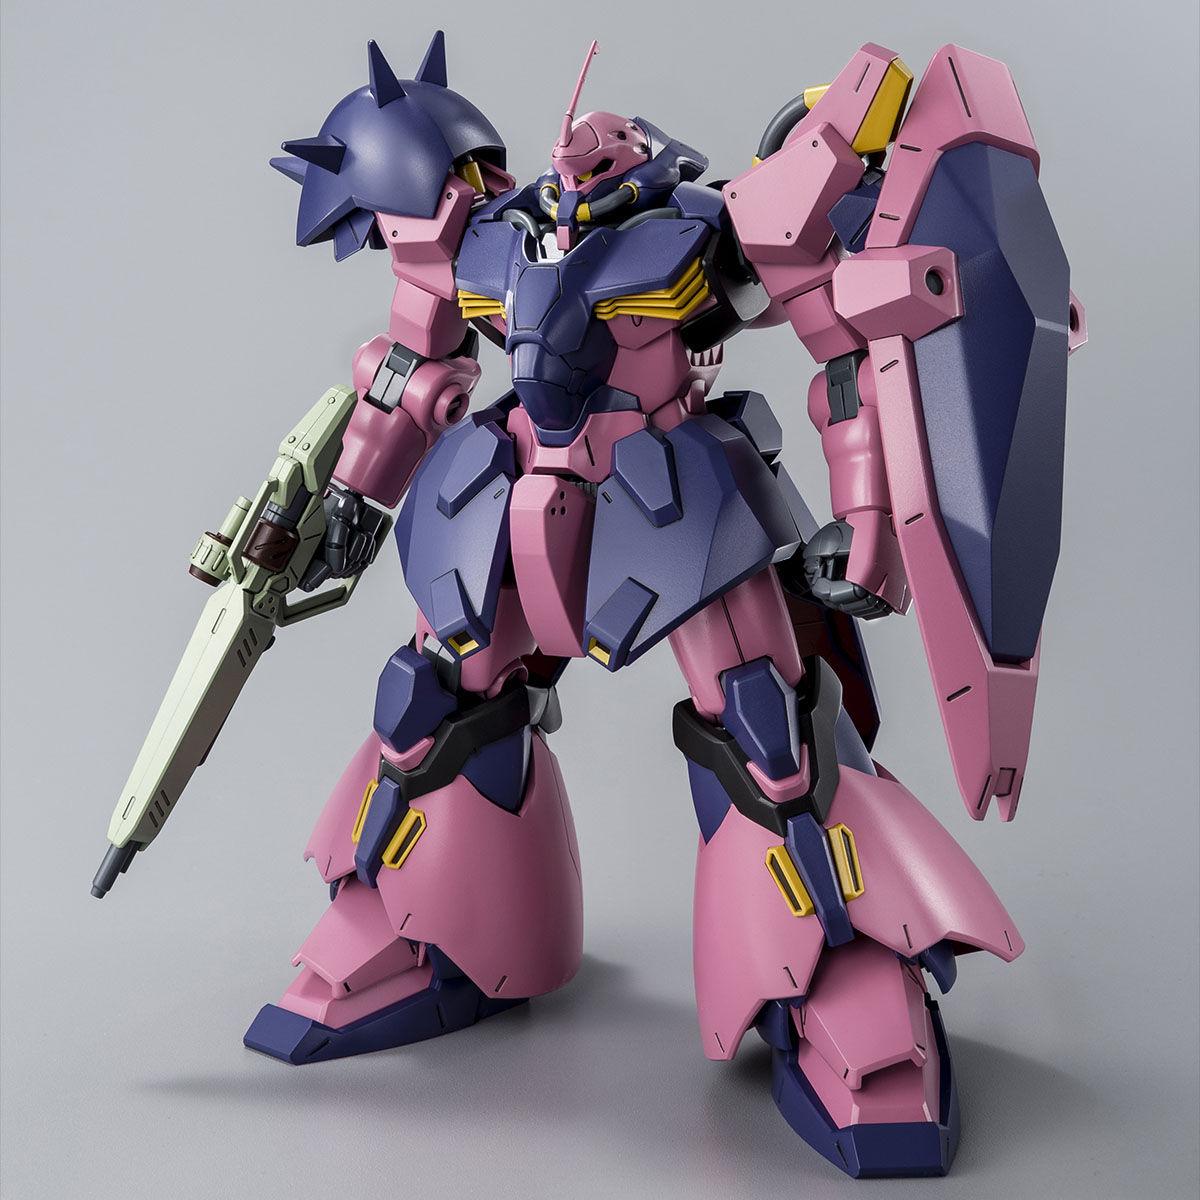 【限定販売】HG 1/144『メッサーF02型』機動戦士ガンダム 閃光のハサウェイ プラモデル-011